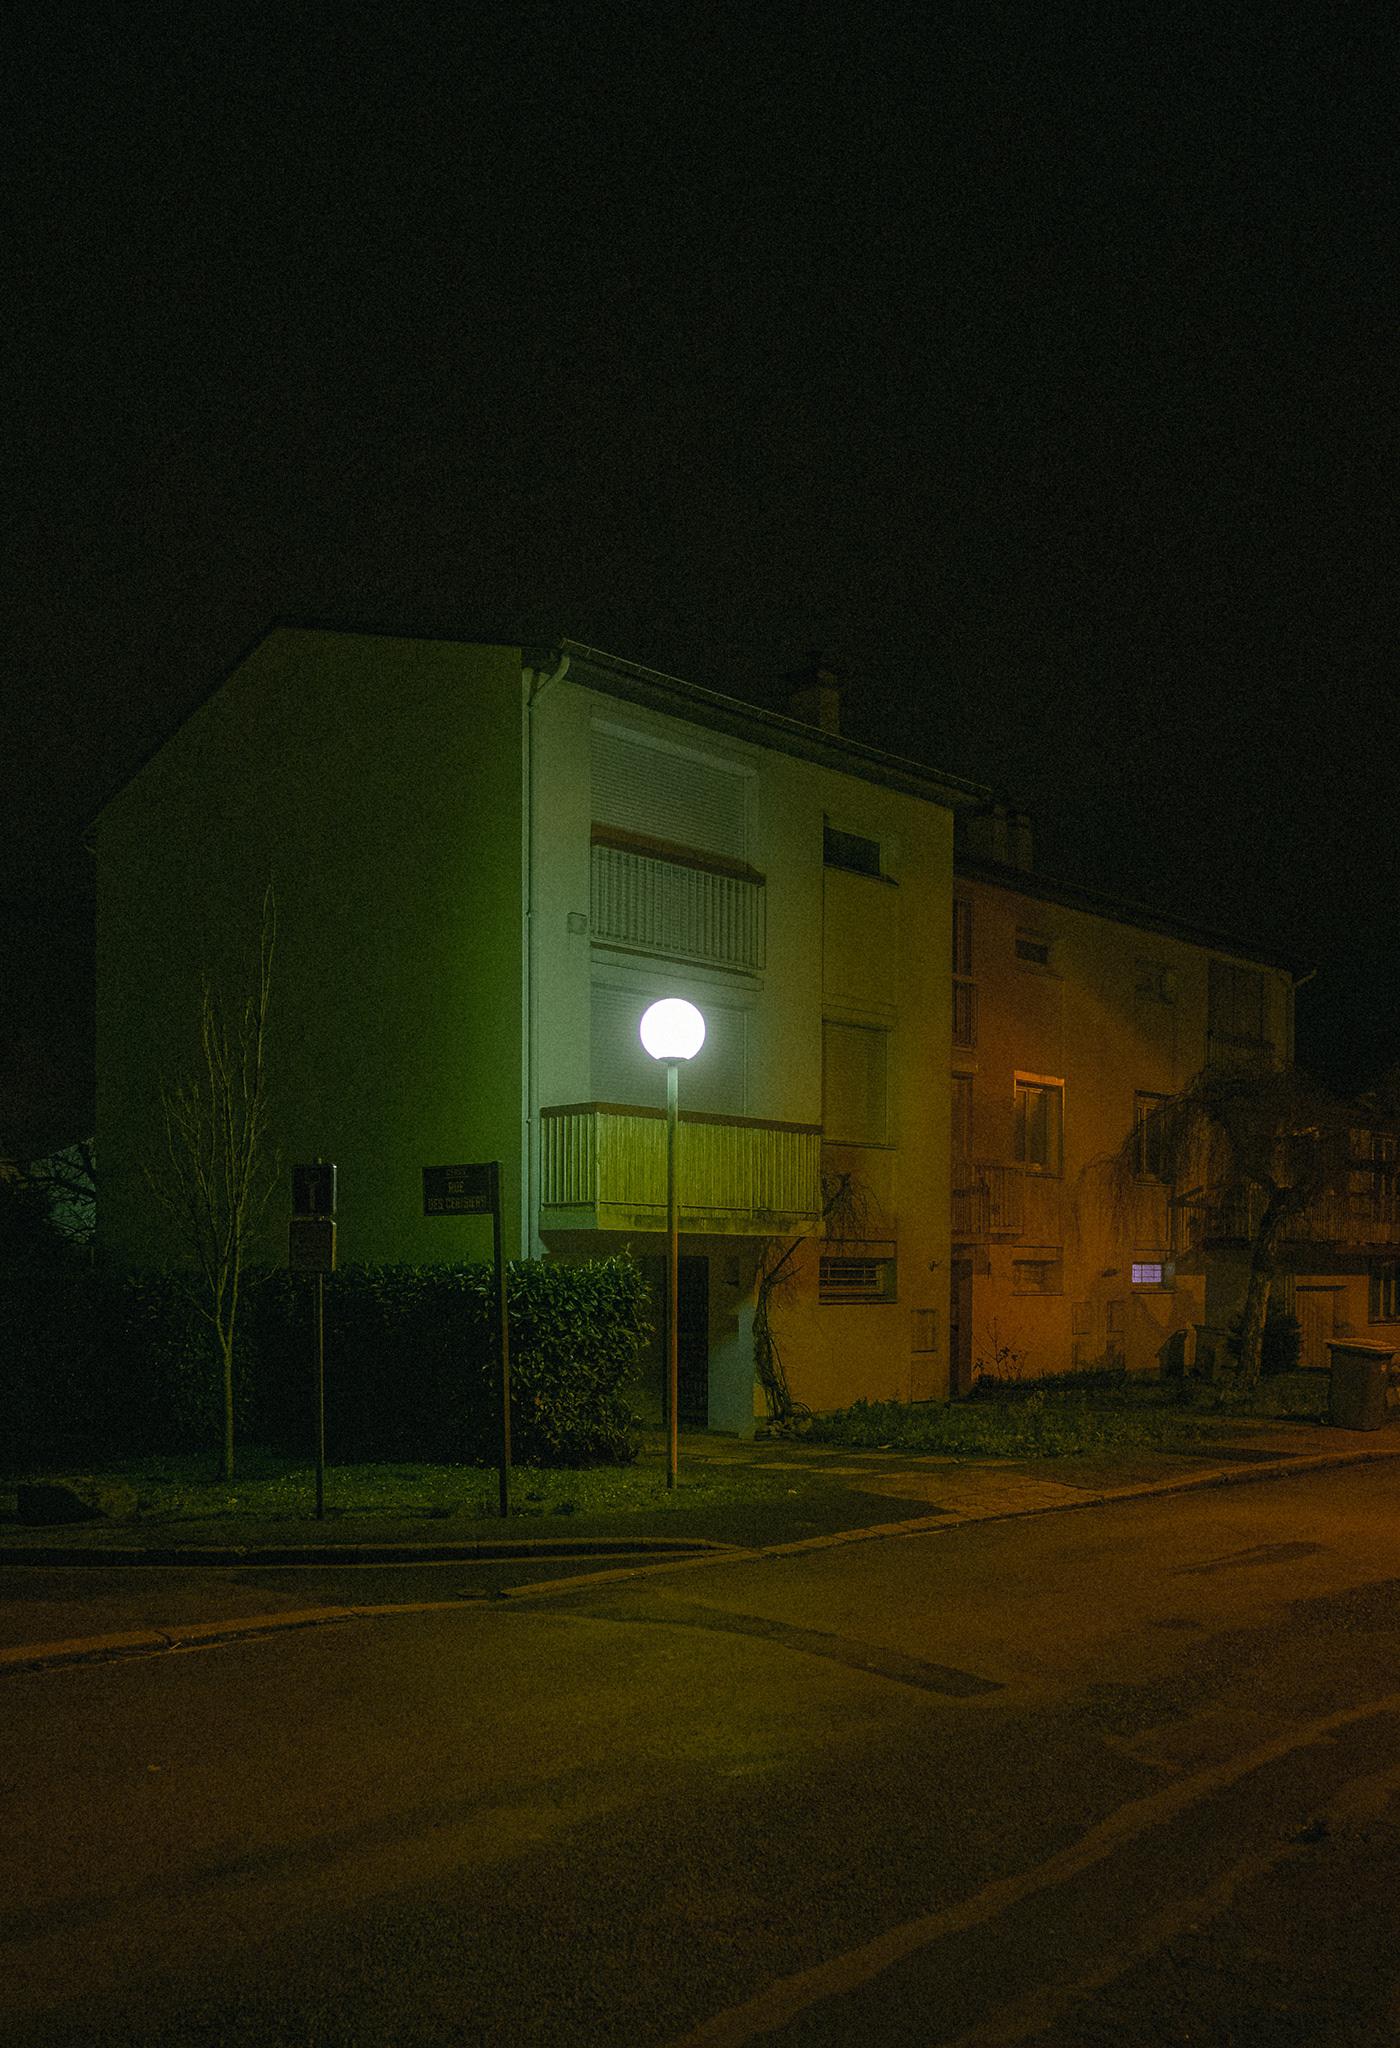 cergy glow life light neon night Paris reportage street photo